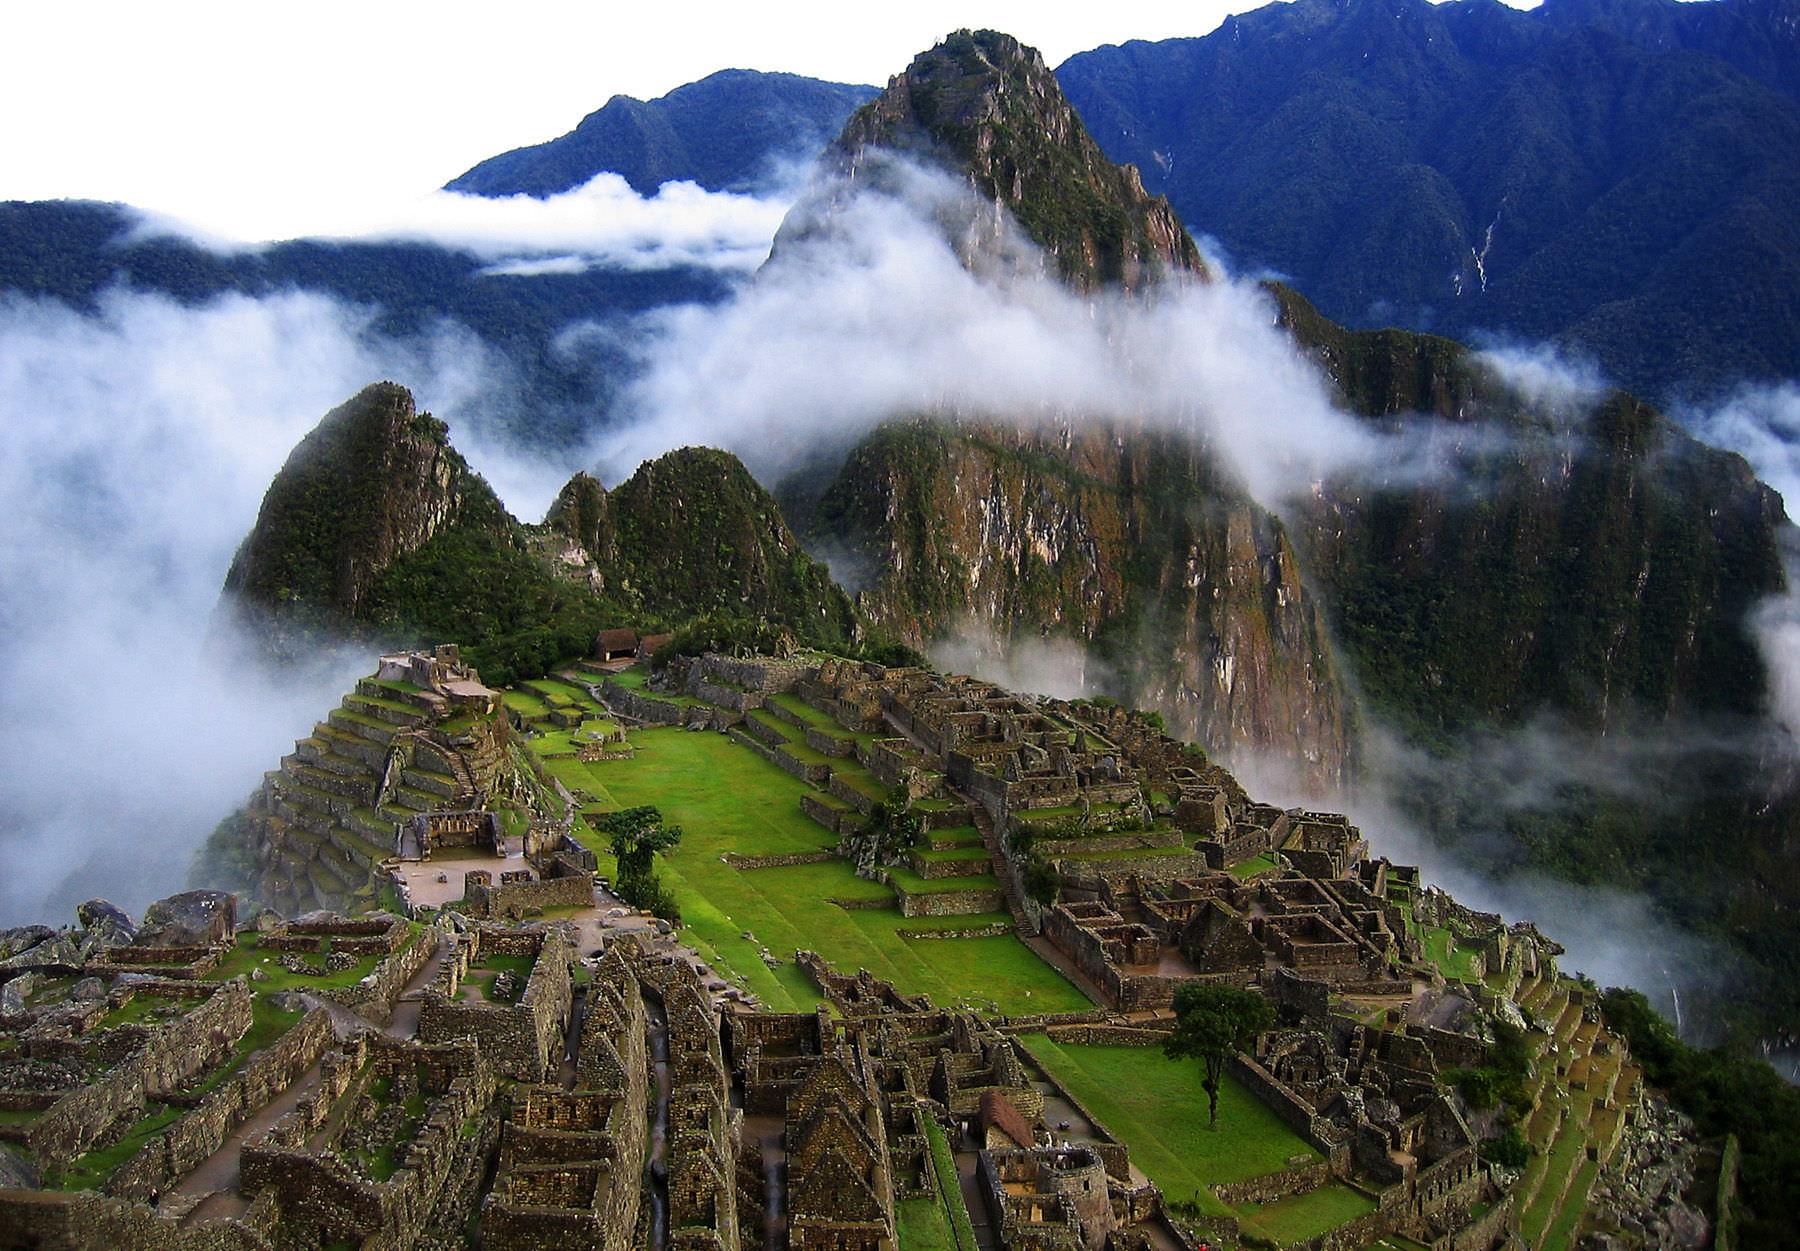 CUSCO MACHUPICCHU - Peru: Machu Picchu shines in National Geographic cover